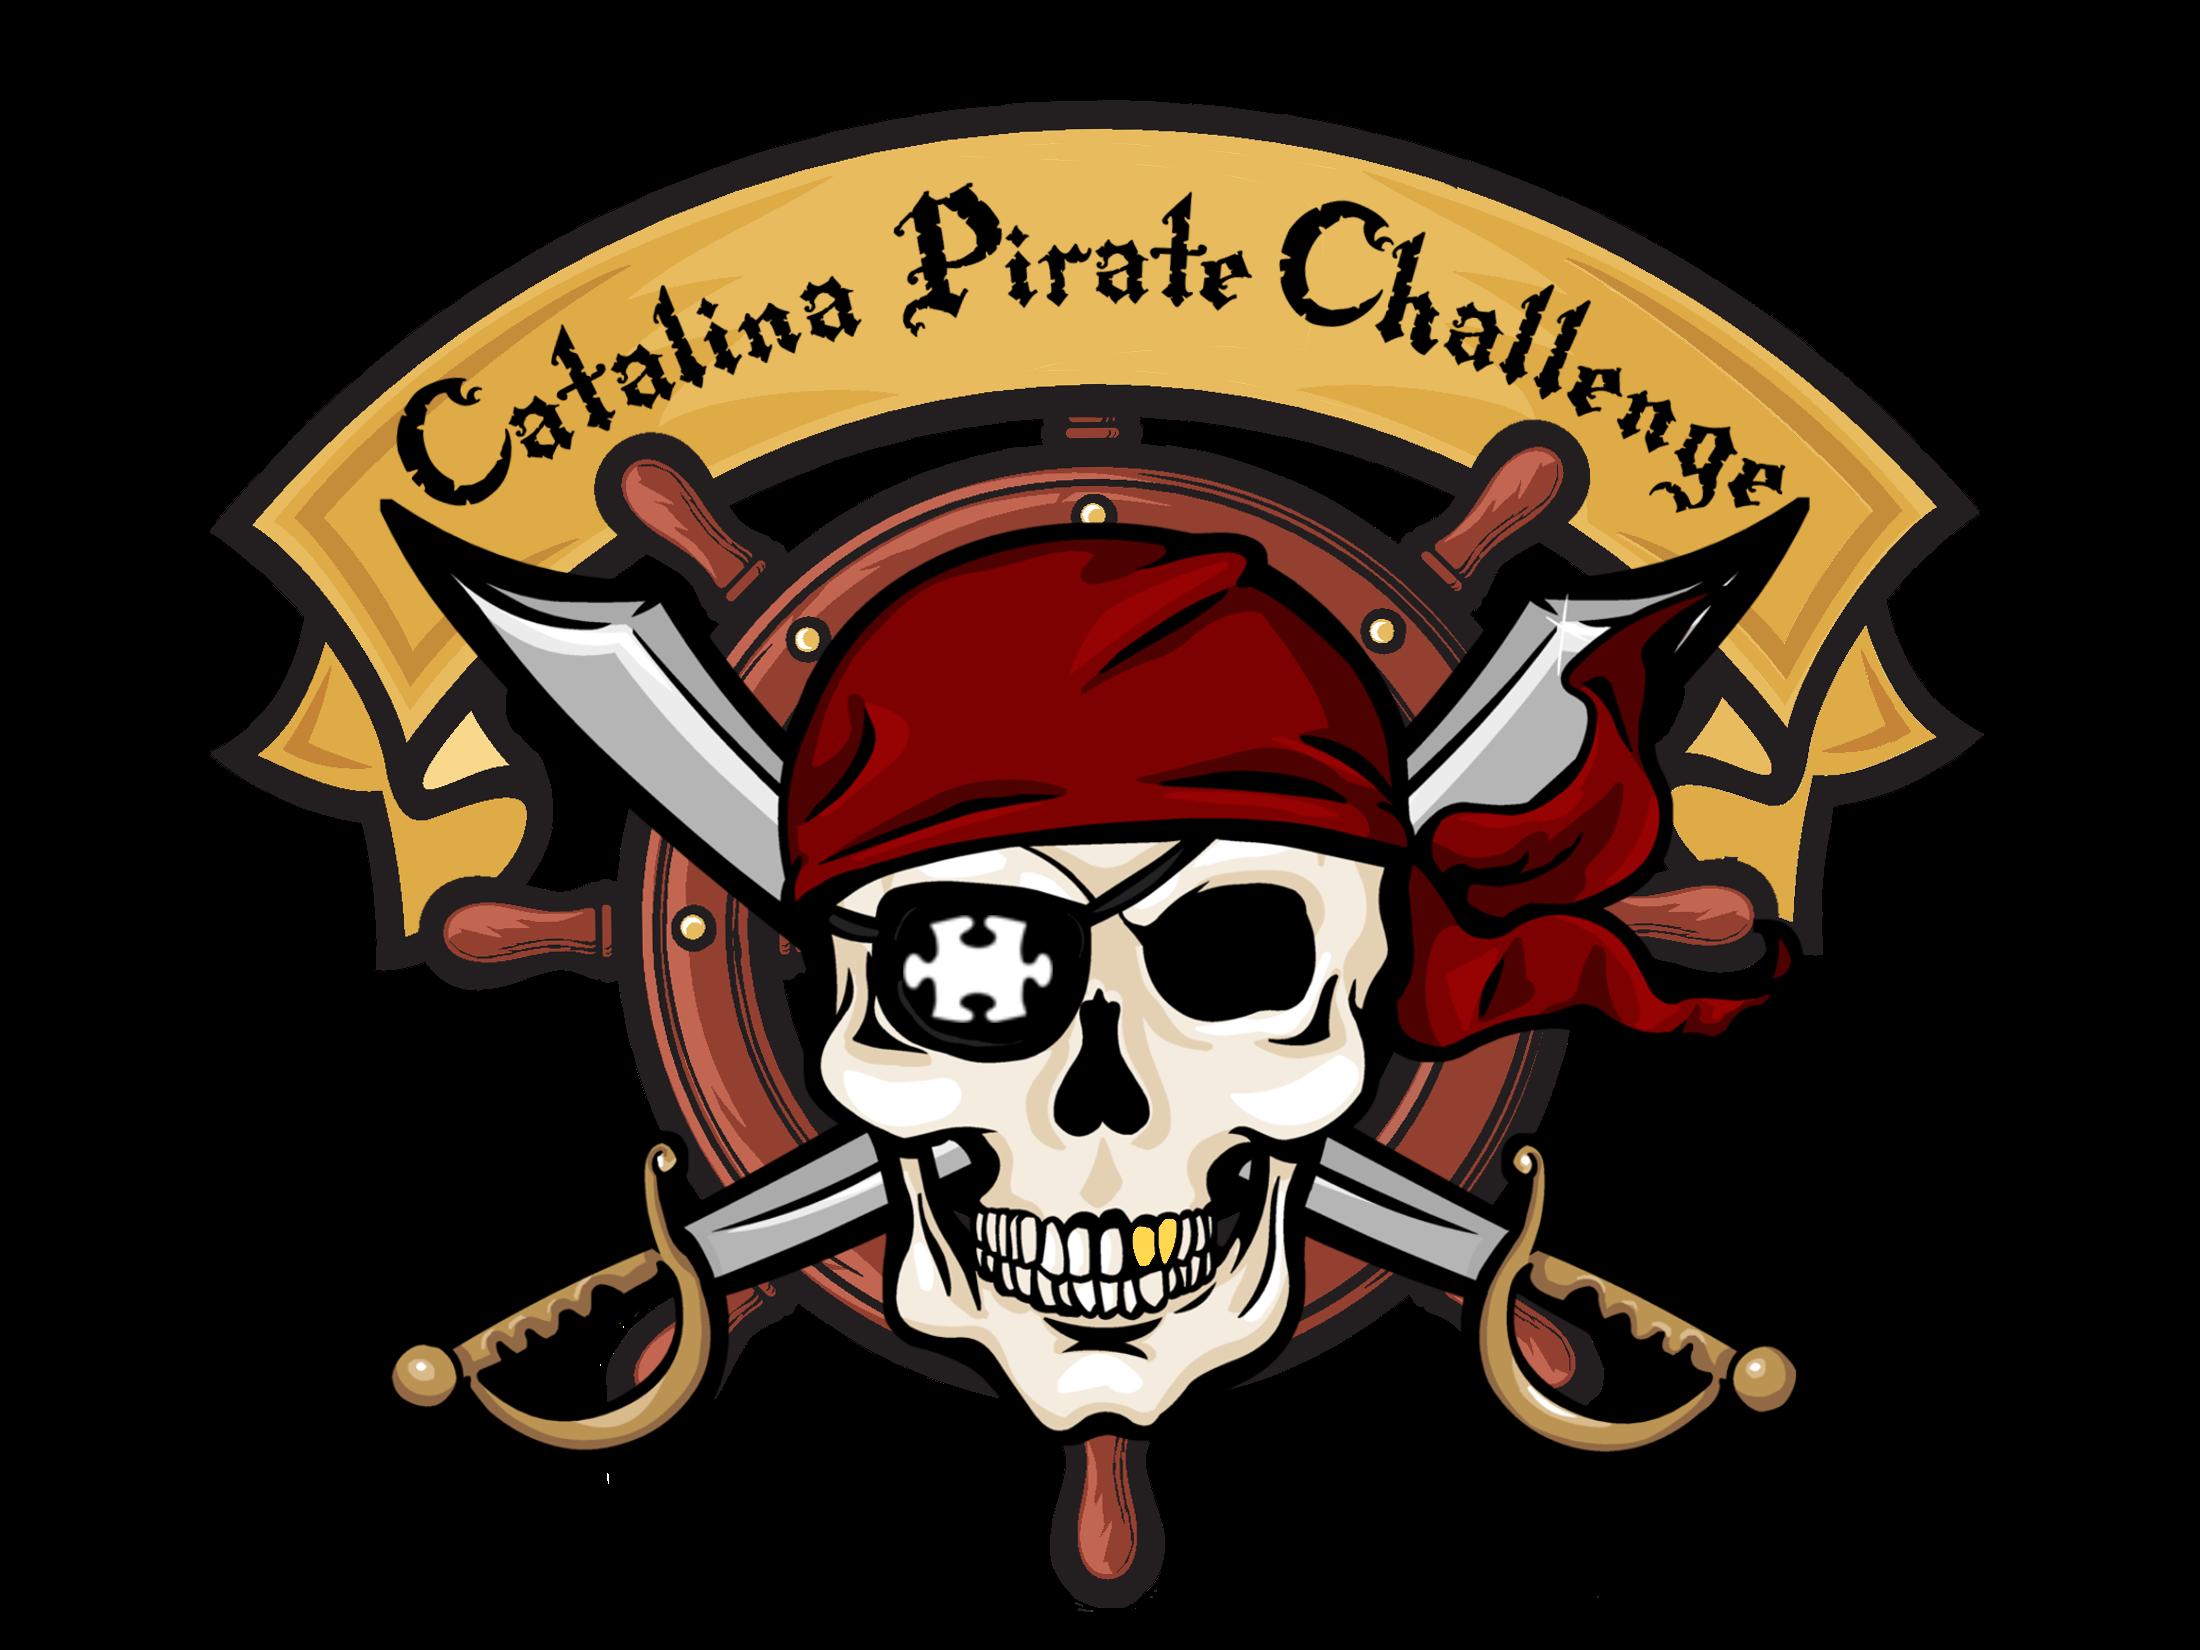 The Catalina Pirate Challenge